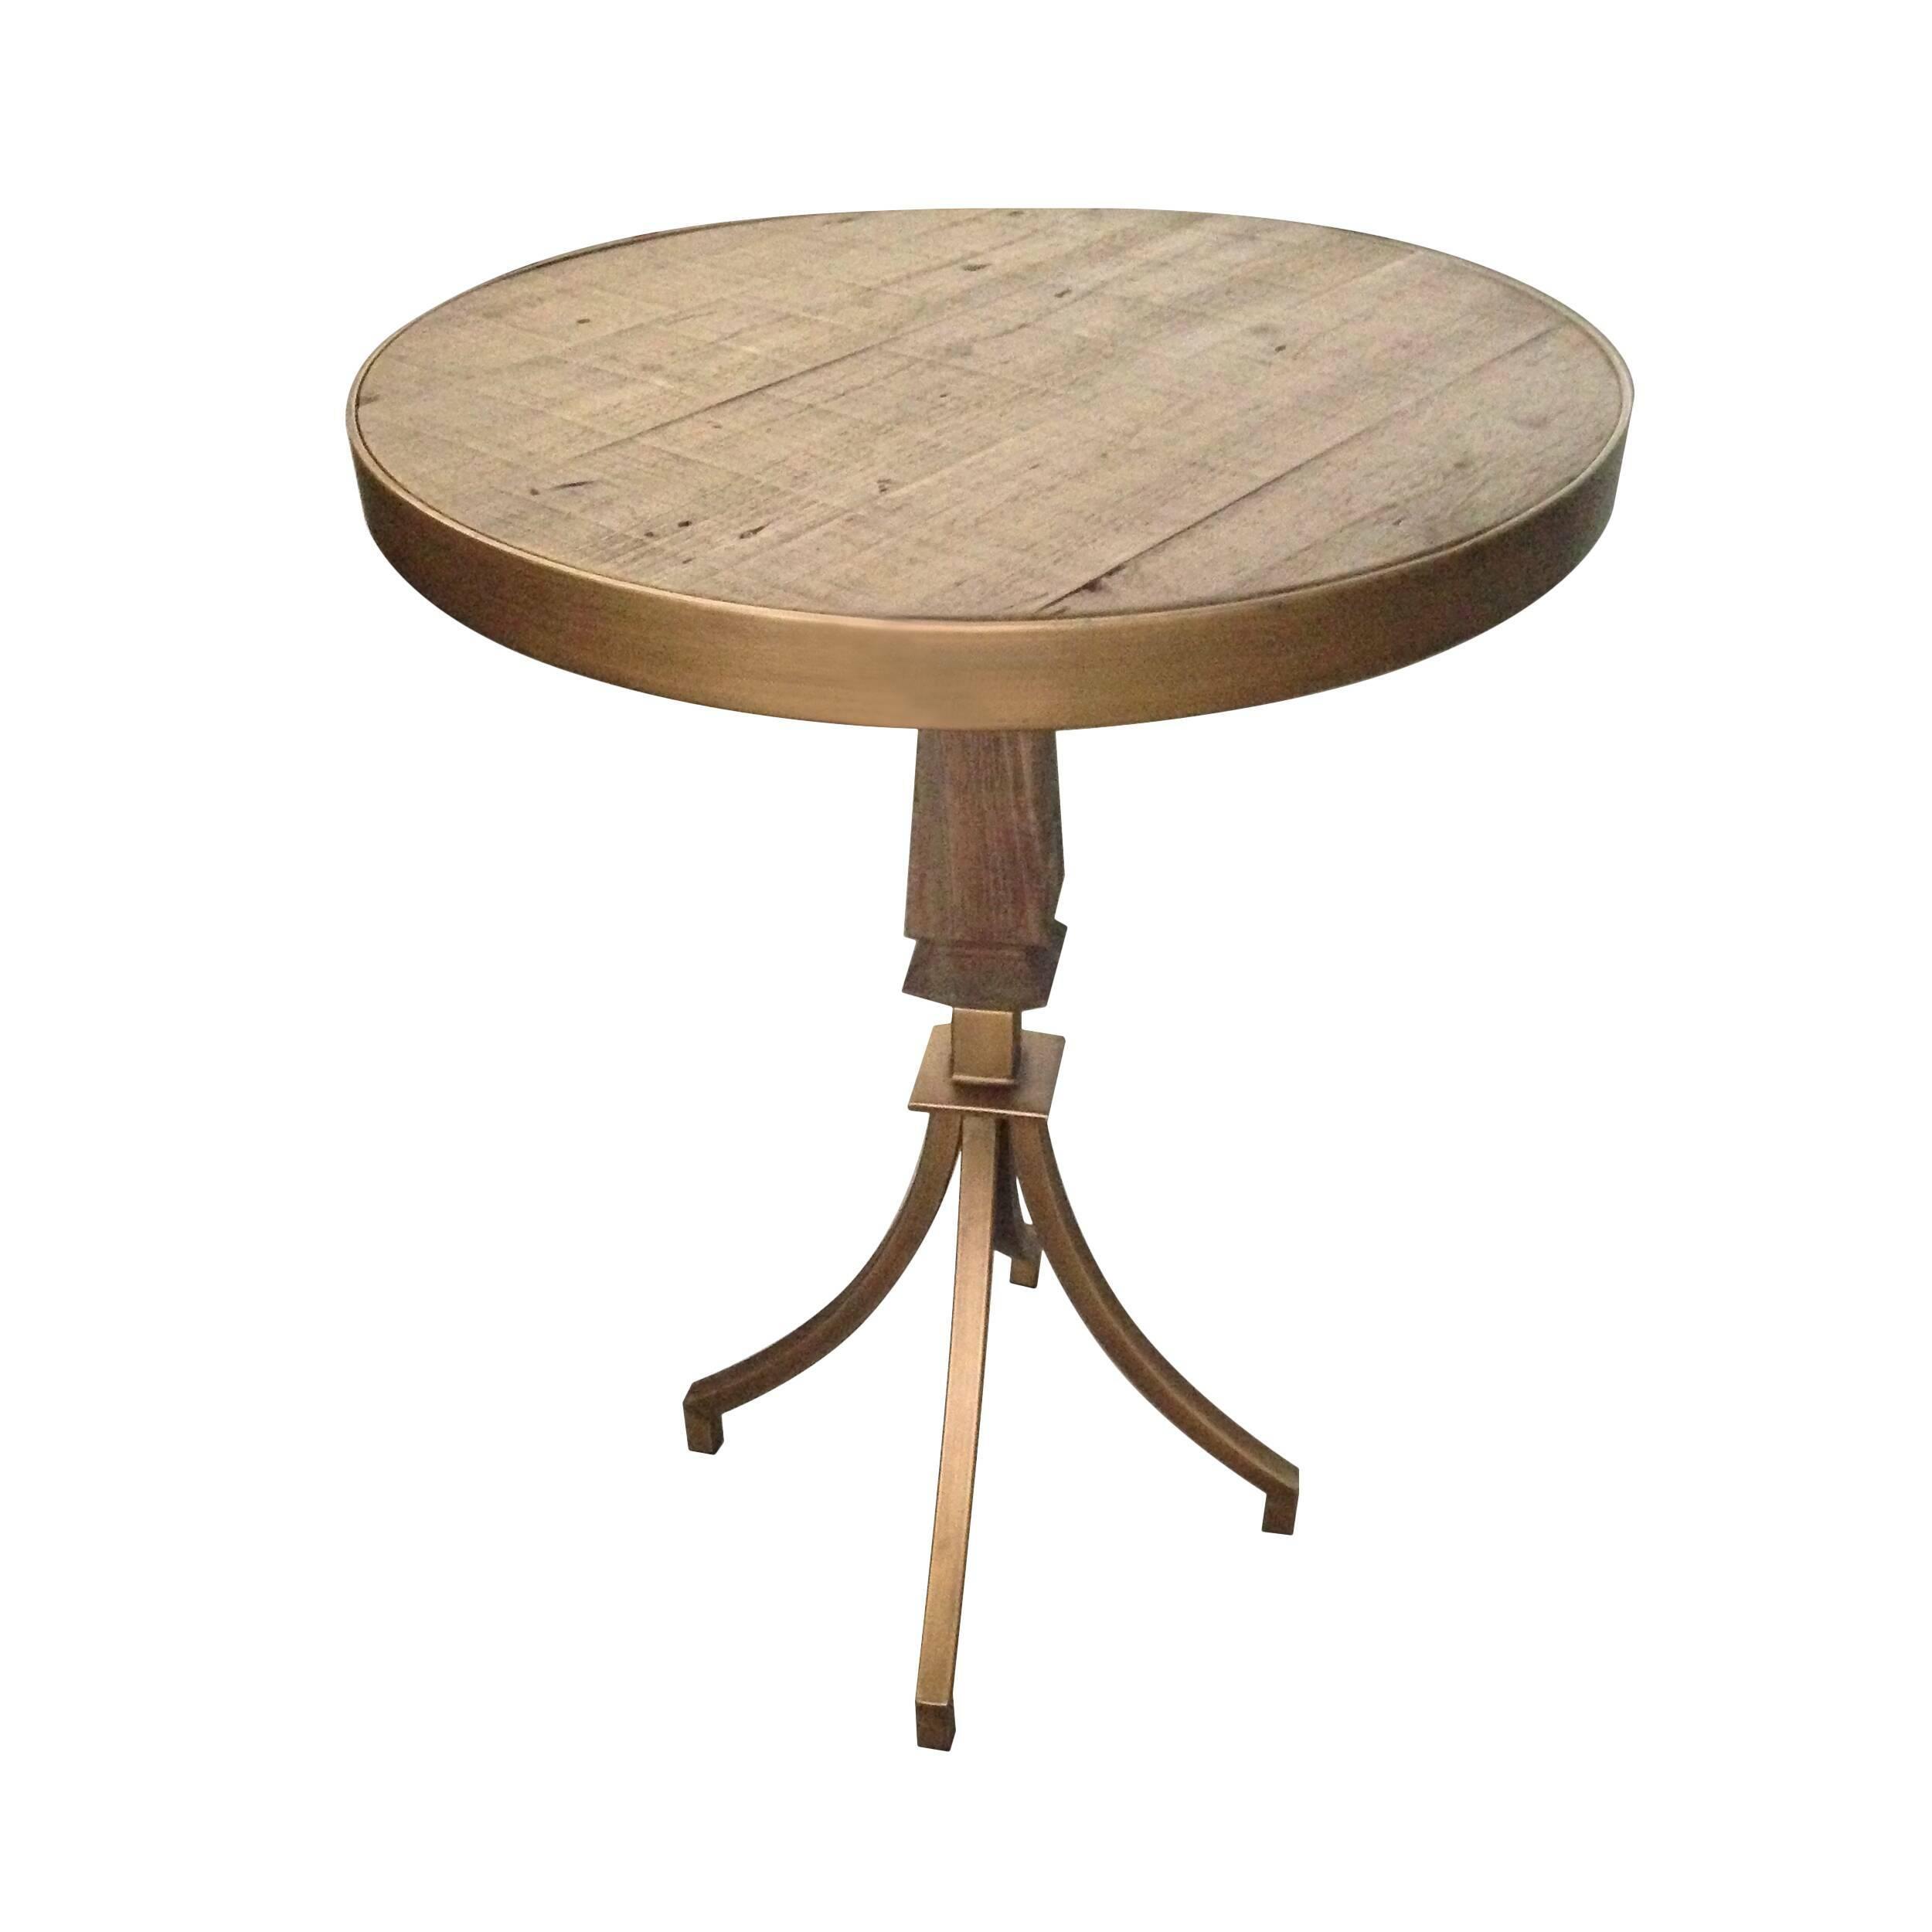 Кофейный стол Berkeley из массива елиКофейные столики<br>При грамотном, художественном подходе к оформлению домашнего интерьера многие привычные вещи могут стать настоящим украшением или гармоничным дополнением к общему убранству помещения. Кофейный стол Berkeley из массива ели – это прекрасный вариант для классического или современного интерьера, которому необходимо добавить свежести или дополнить его изящным и функциональным элементом.<br><br><br> Стол выглядит очень красиво за счет приятного цвета антикварного золота и фигурных ножек. Ножки издел...<br><br>stock: 0<br>Высота: 75<br>Диаметр: 55<br>Цвет столешницы: Темно-коричневый<br>Материал столешницы: Массив ели состаренный<br>Тип материала каркаса: Металл<br>Тип материала столешницы: Дерево<br>Цвет каркаса: Золото антикварное